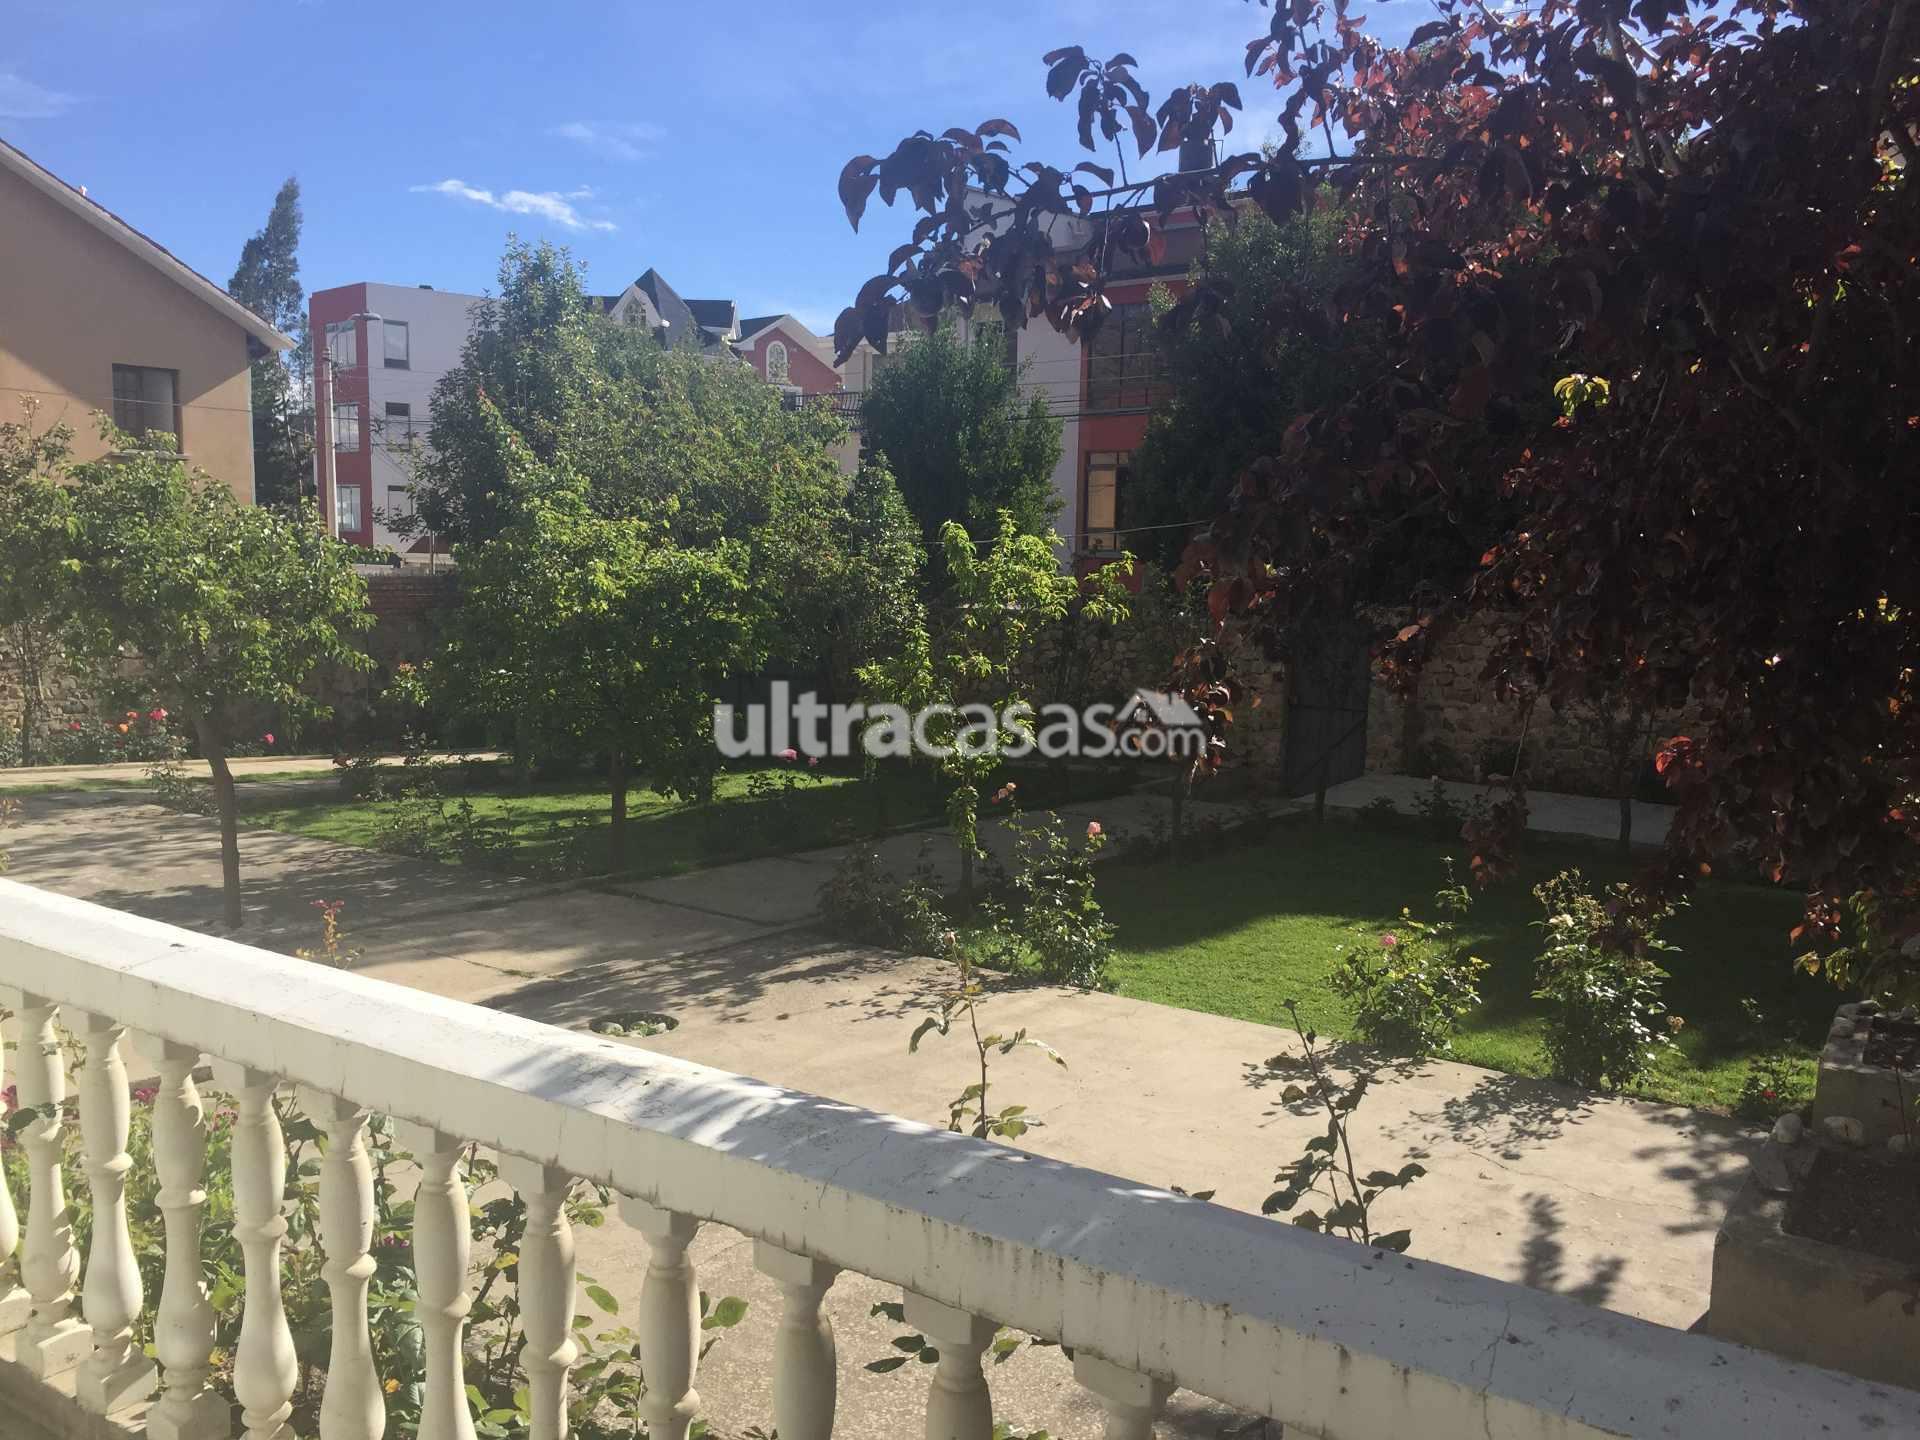 Casa en Venta Bonita casa, amplio jardín con árboles frutales, terreno 540m2 ideal para construcción. Foto 1